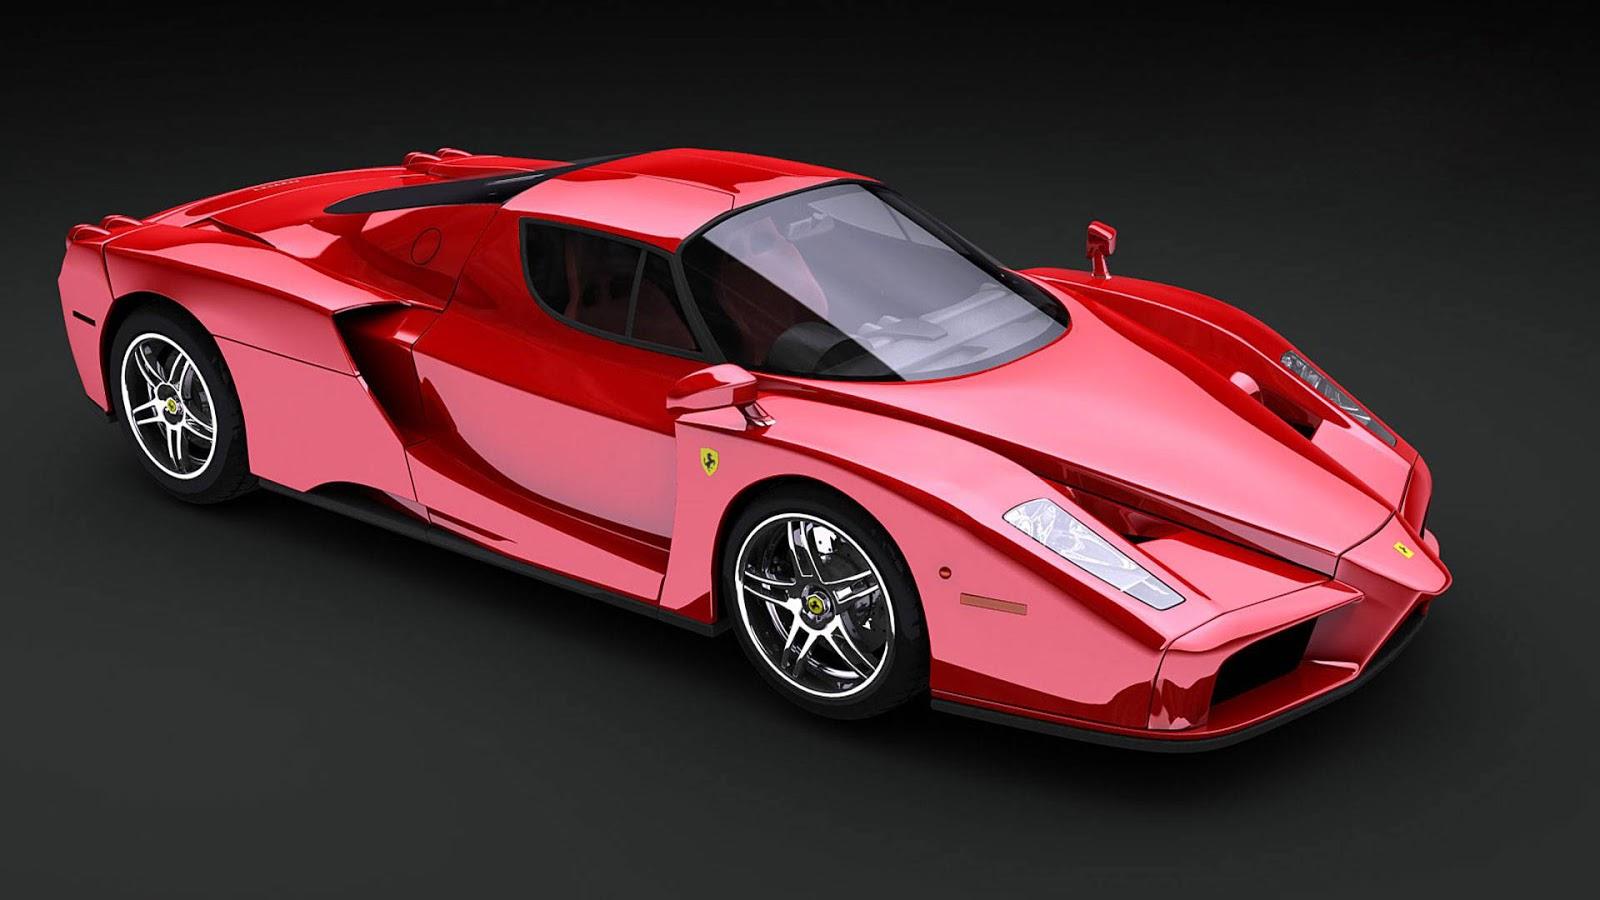 super cars - Ferrari Enzo 2013 White